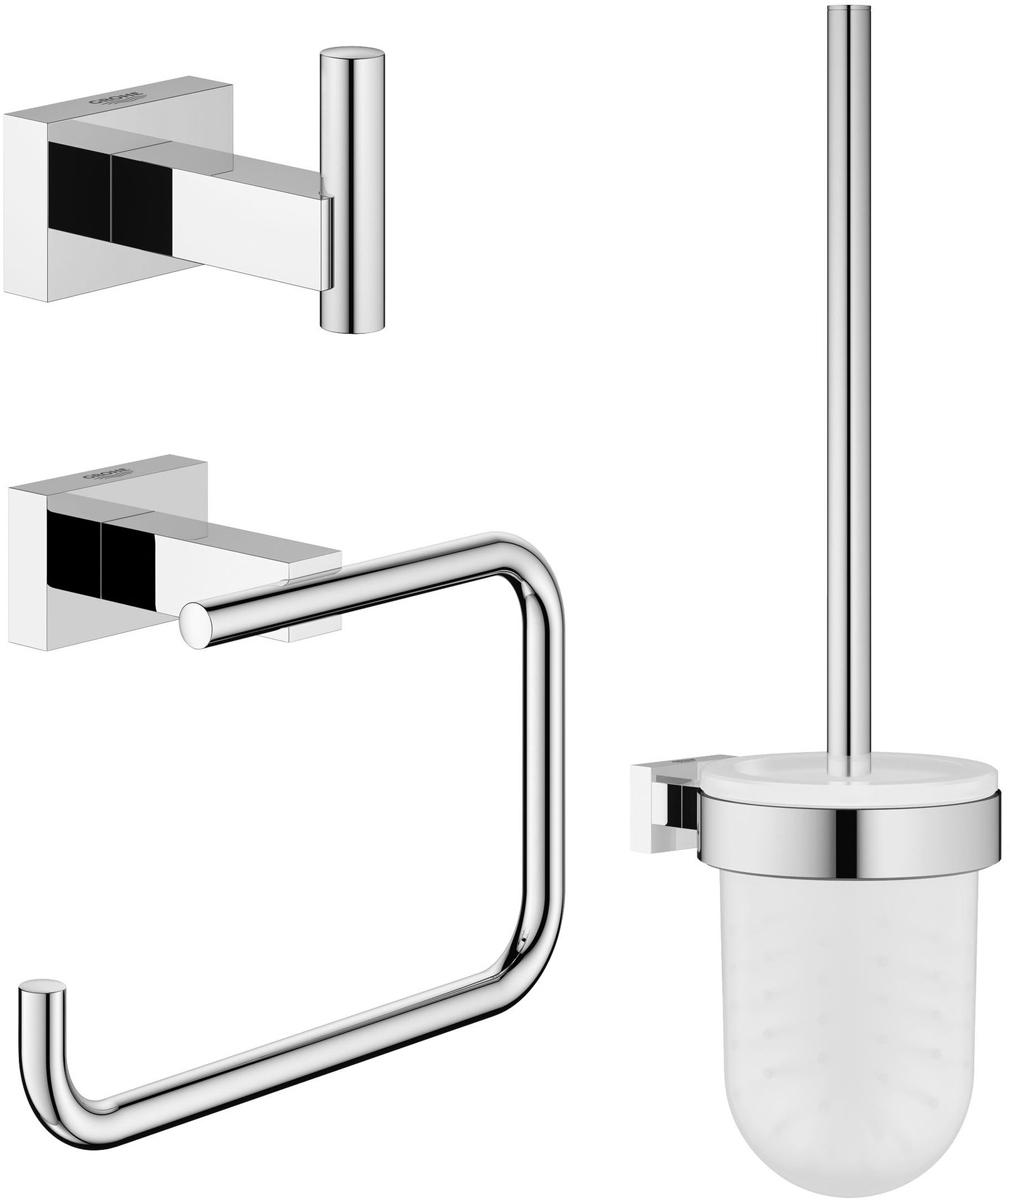 Набор аксессуаров для ванной комнаты Grohe Essentials Cube, 3 предмета 40344000 essentials набор аксессуаров 5 предметов grohe